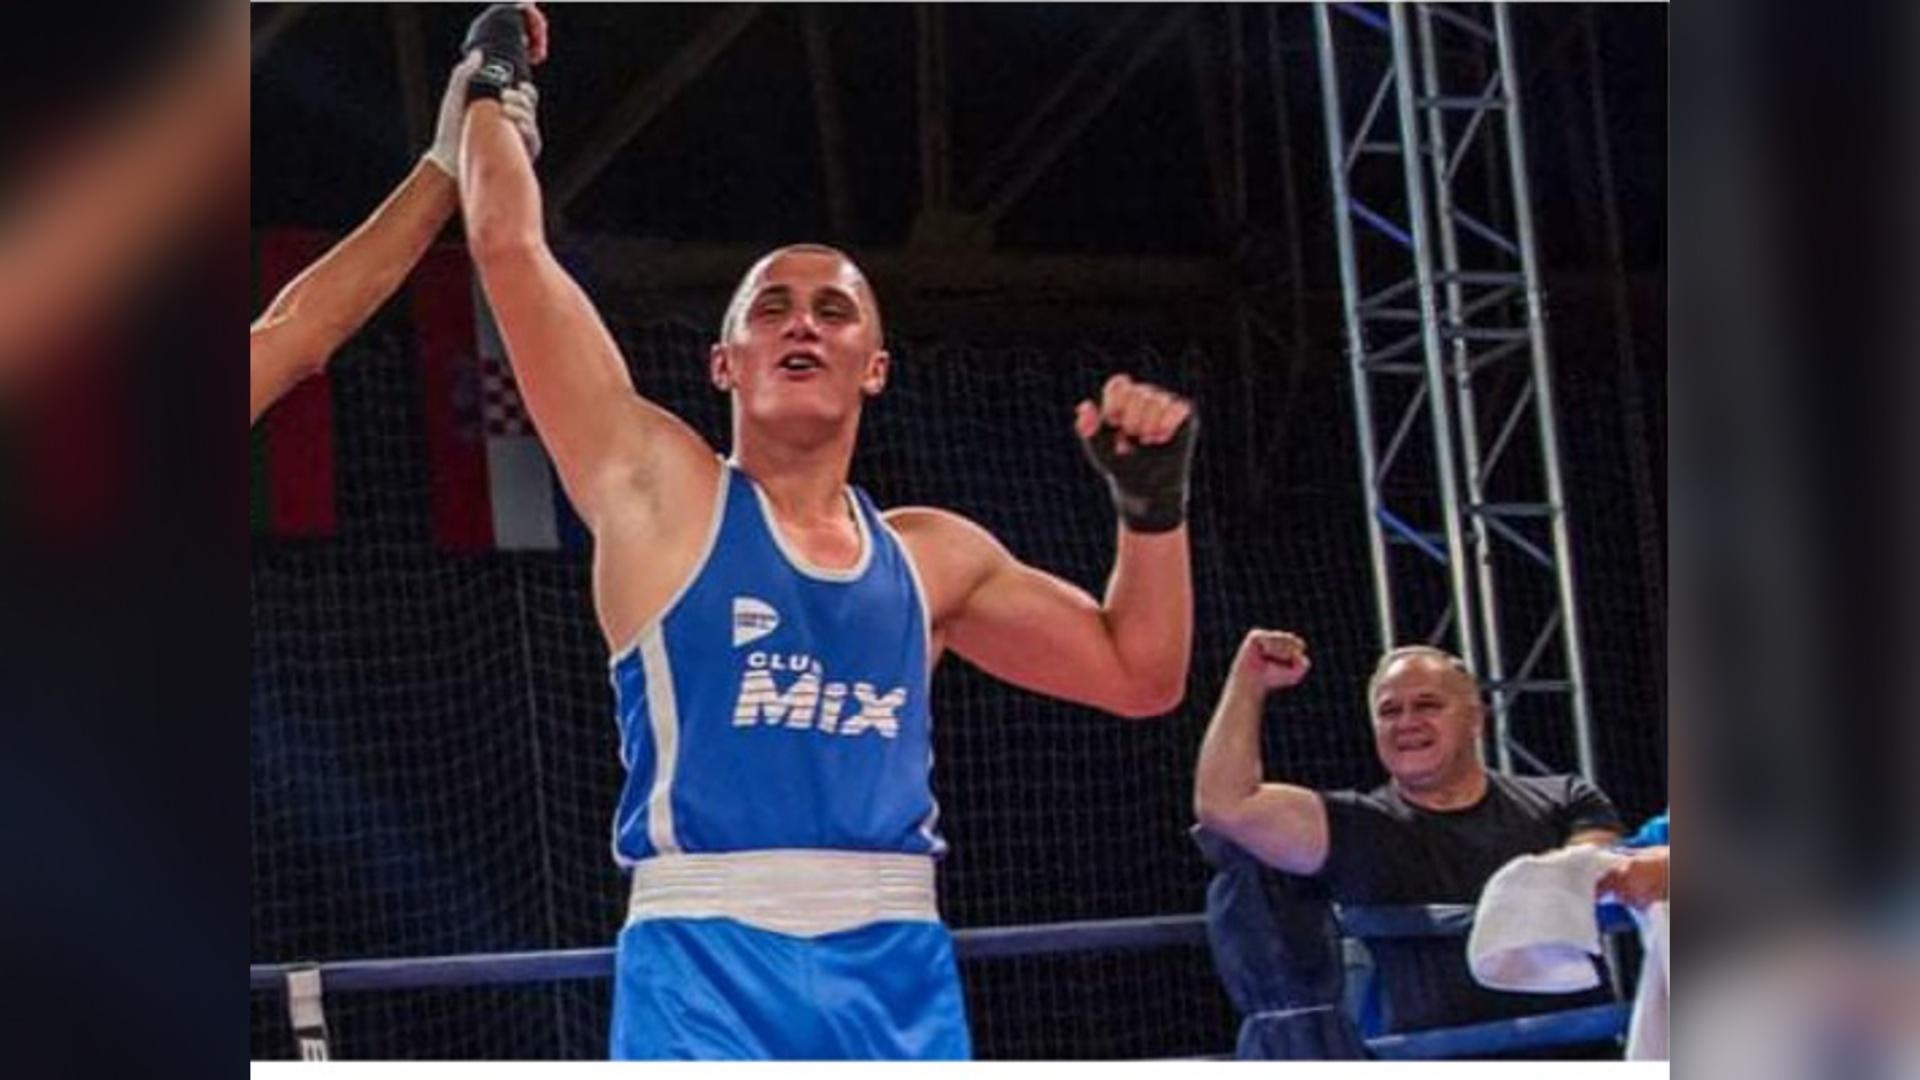 Алмиру Мемићу златна медаља и признање за најбољег боксера на турниру у Бугарској